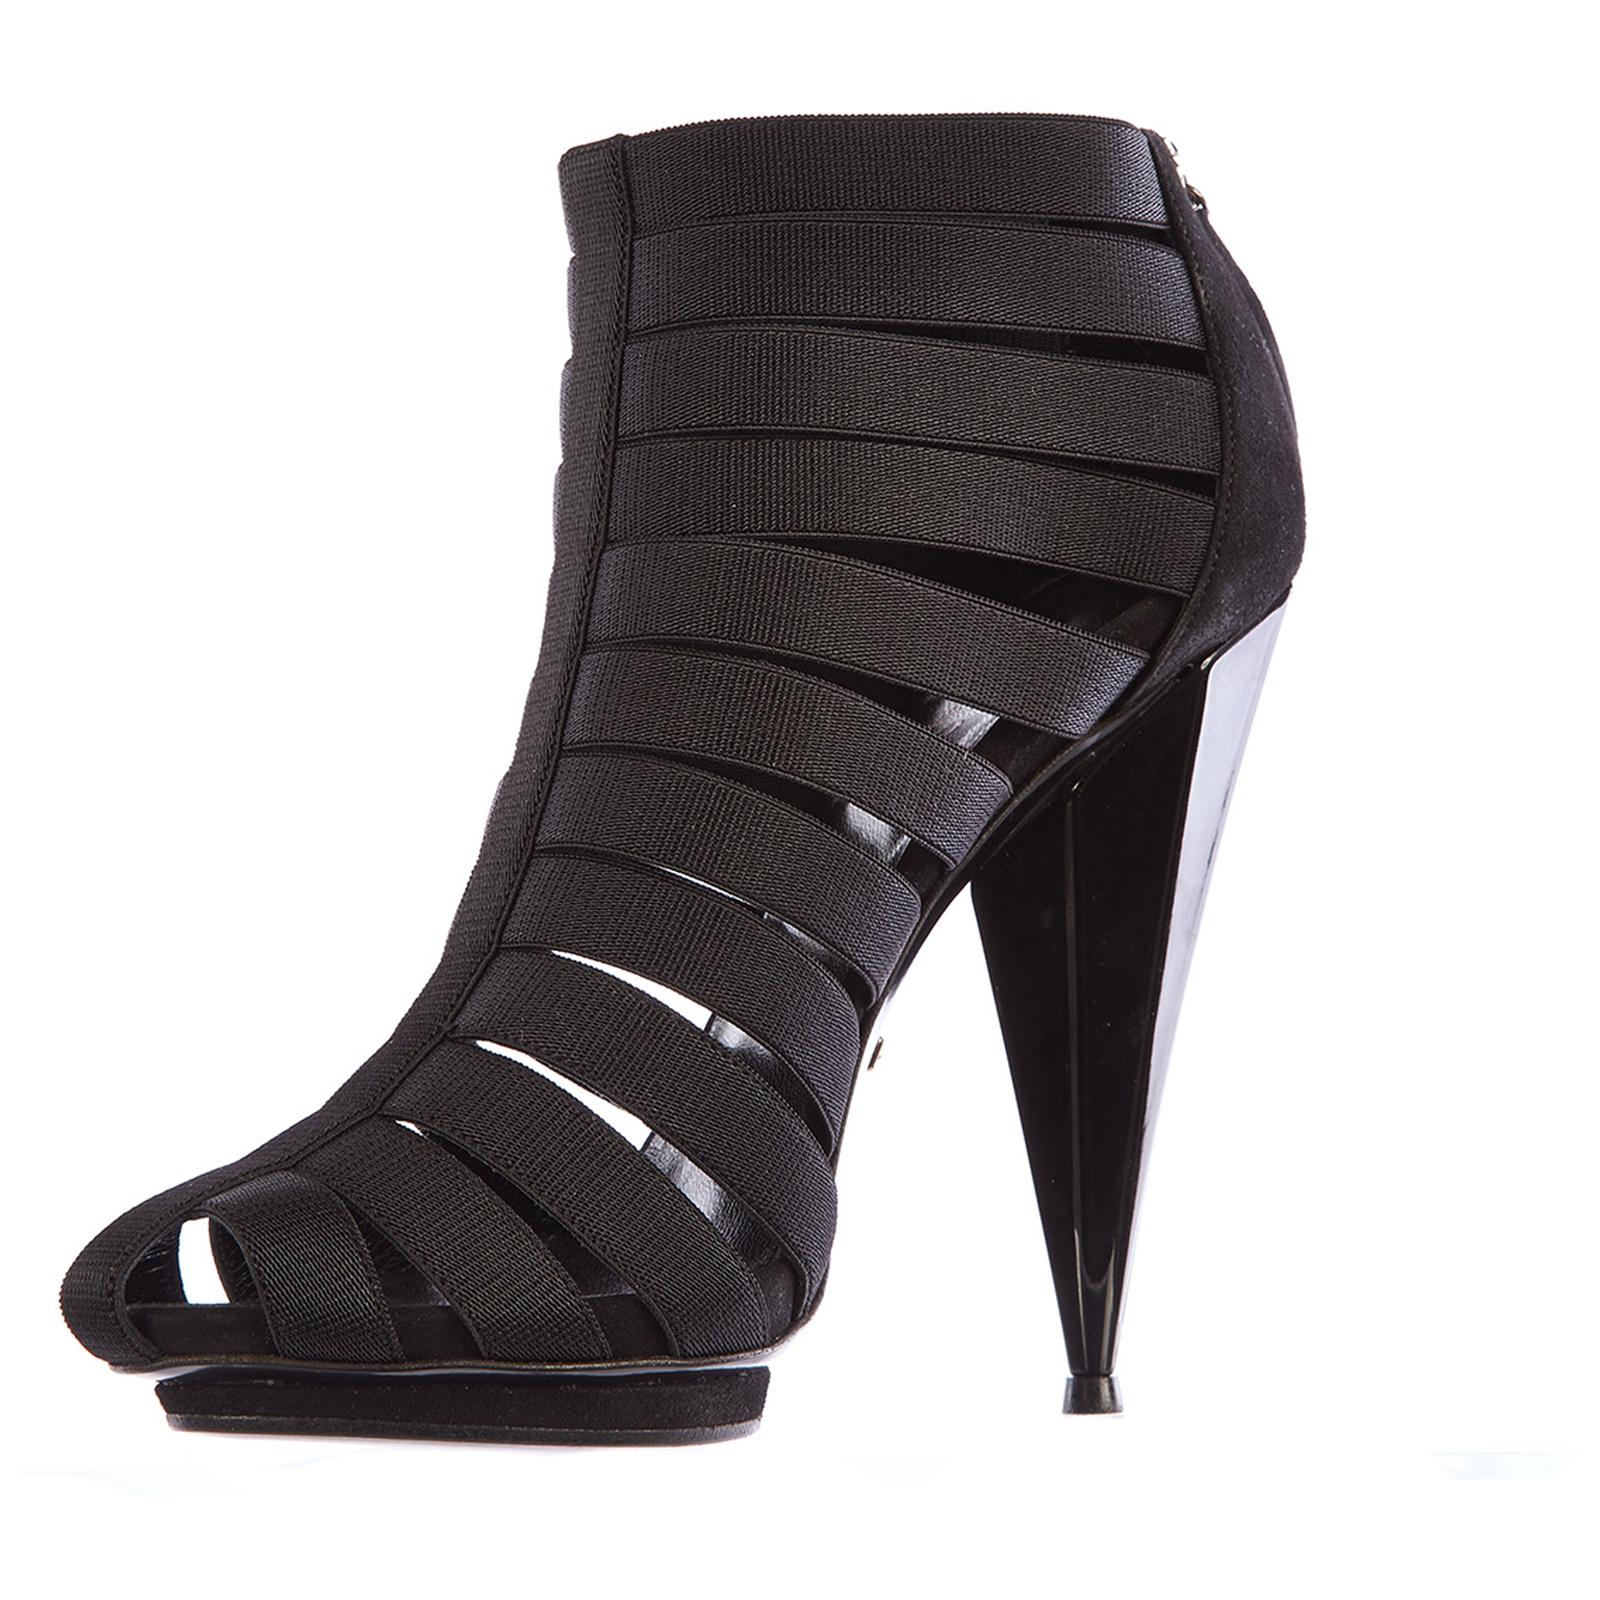 сандалии женские на каблуке moony kid